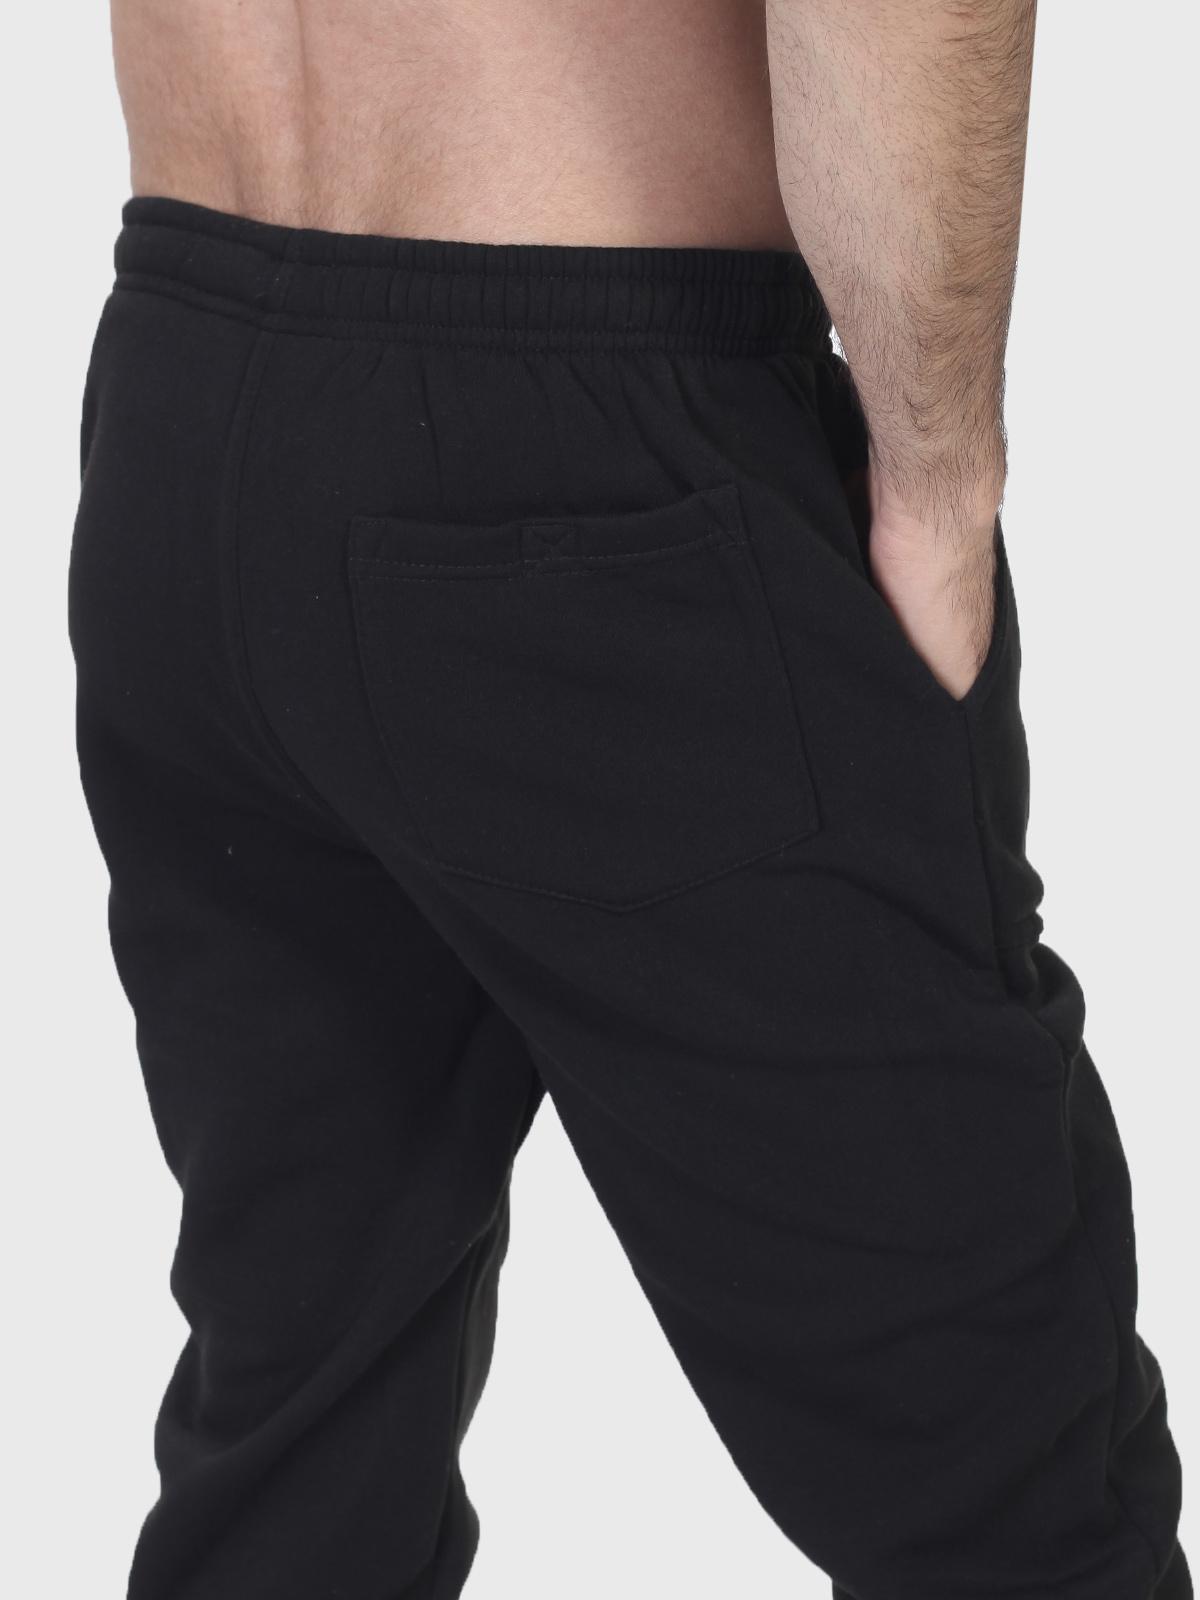 Зимние утепленные спортивные штаны ВМФ с удобной доставкой